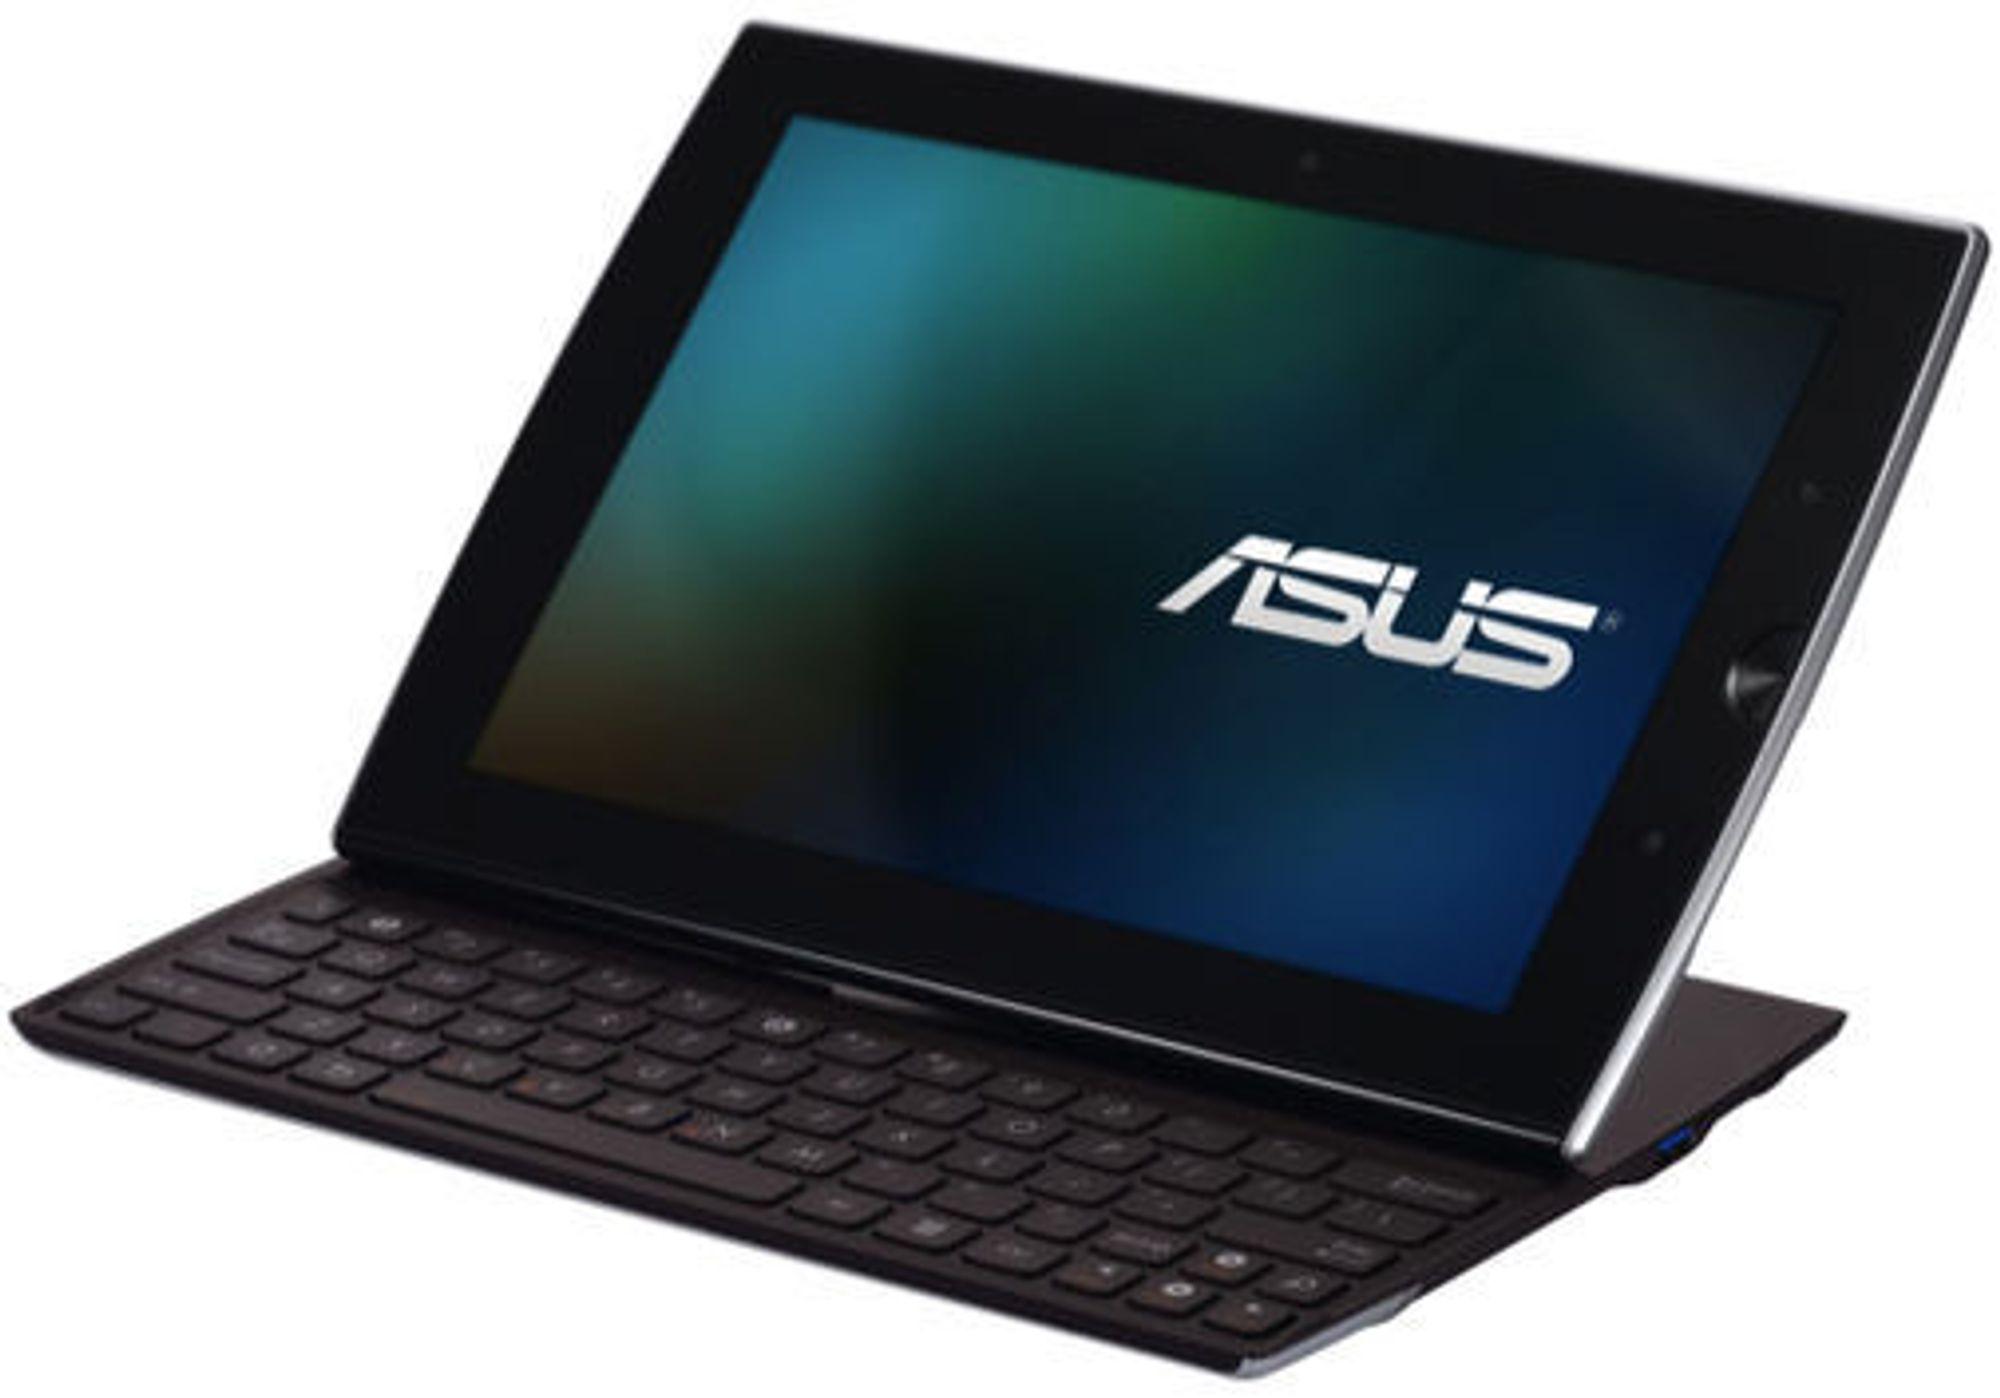 Asus Eee Pad Slider har et tastatur som kan felles inn bak skjermen.